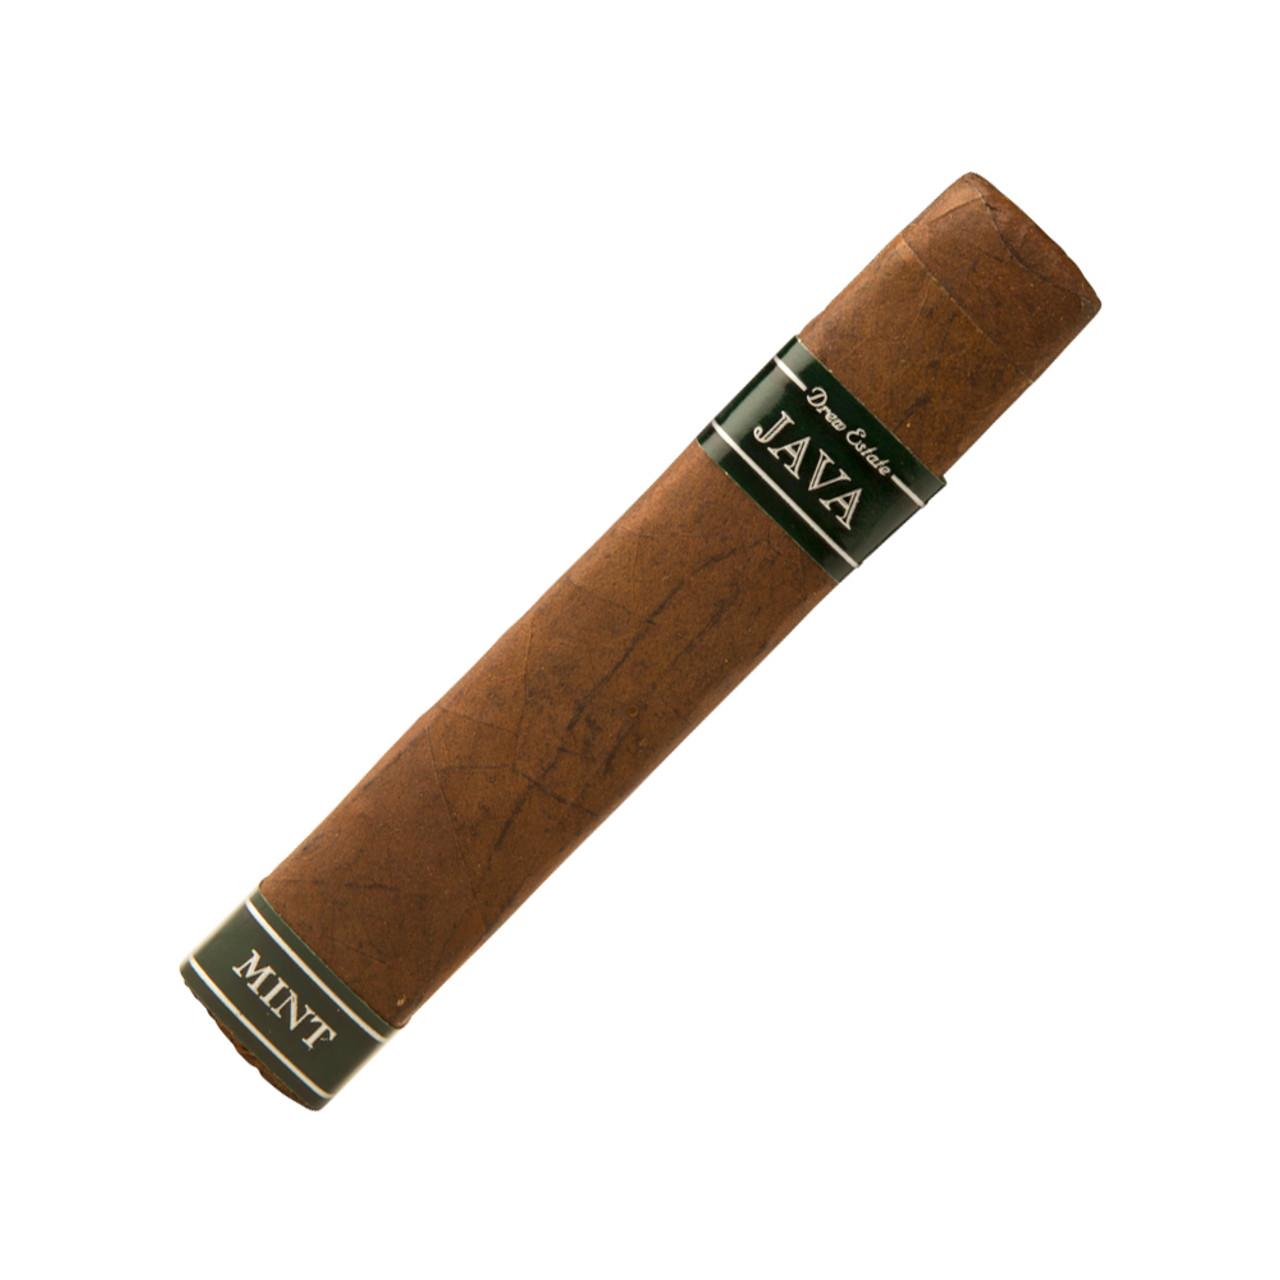 Rocky Patel Java Mint The 58 Cigars - 5 x 58 (Box of 24)